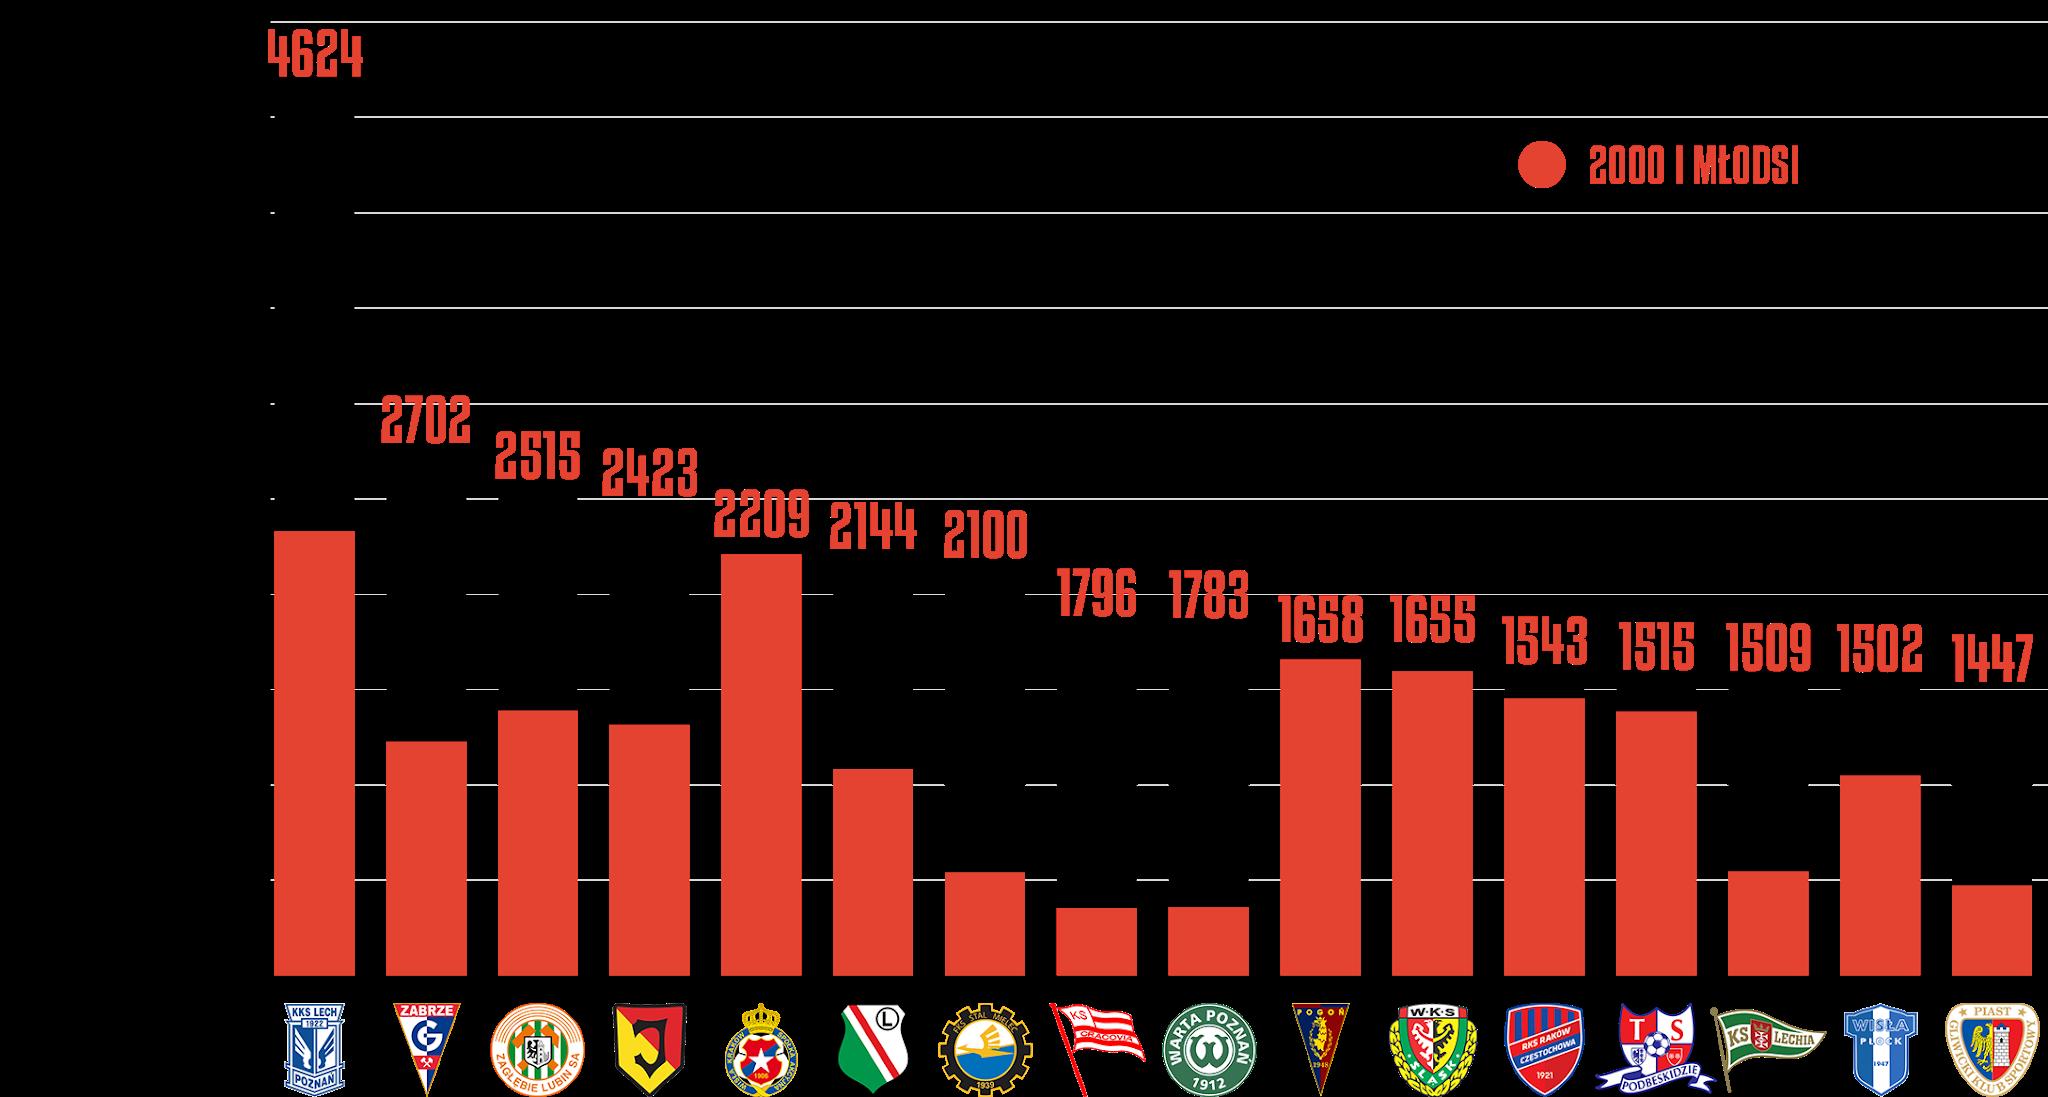 Klasyfikacja klubów pod względem rozegranego czasu przez młodzieżowców po16kolejkach PKO Ekstraklasy<br><br>Źródło: Opracowanie własne na podstawie ekstrastats.pl<br><br>graf. Bartosz Urban